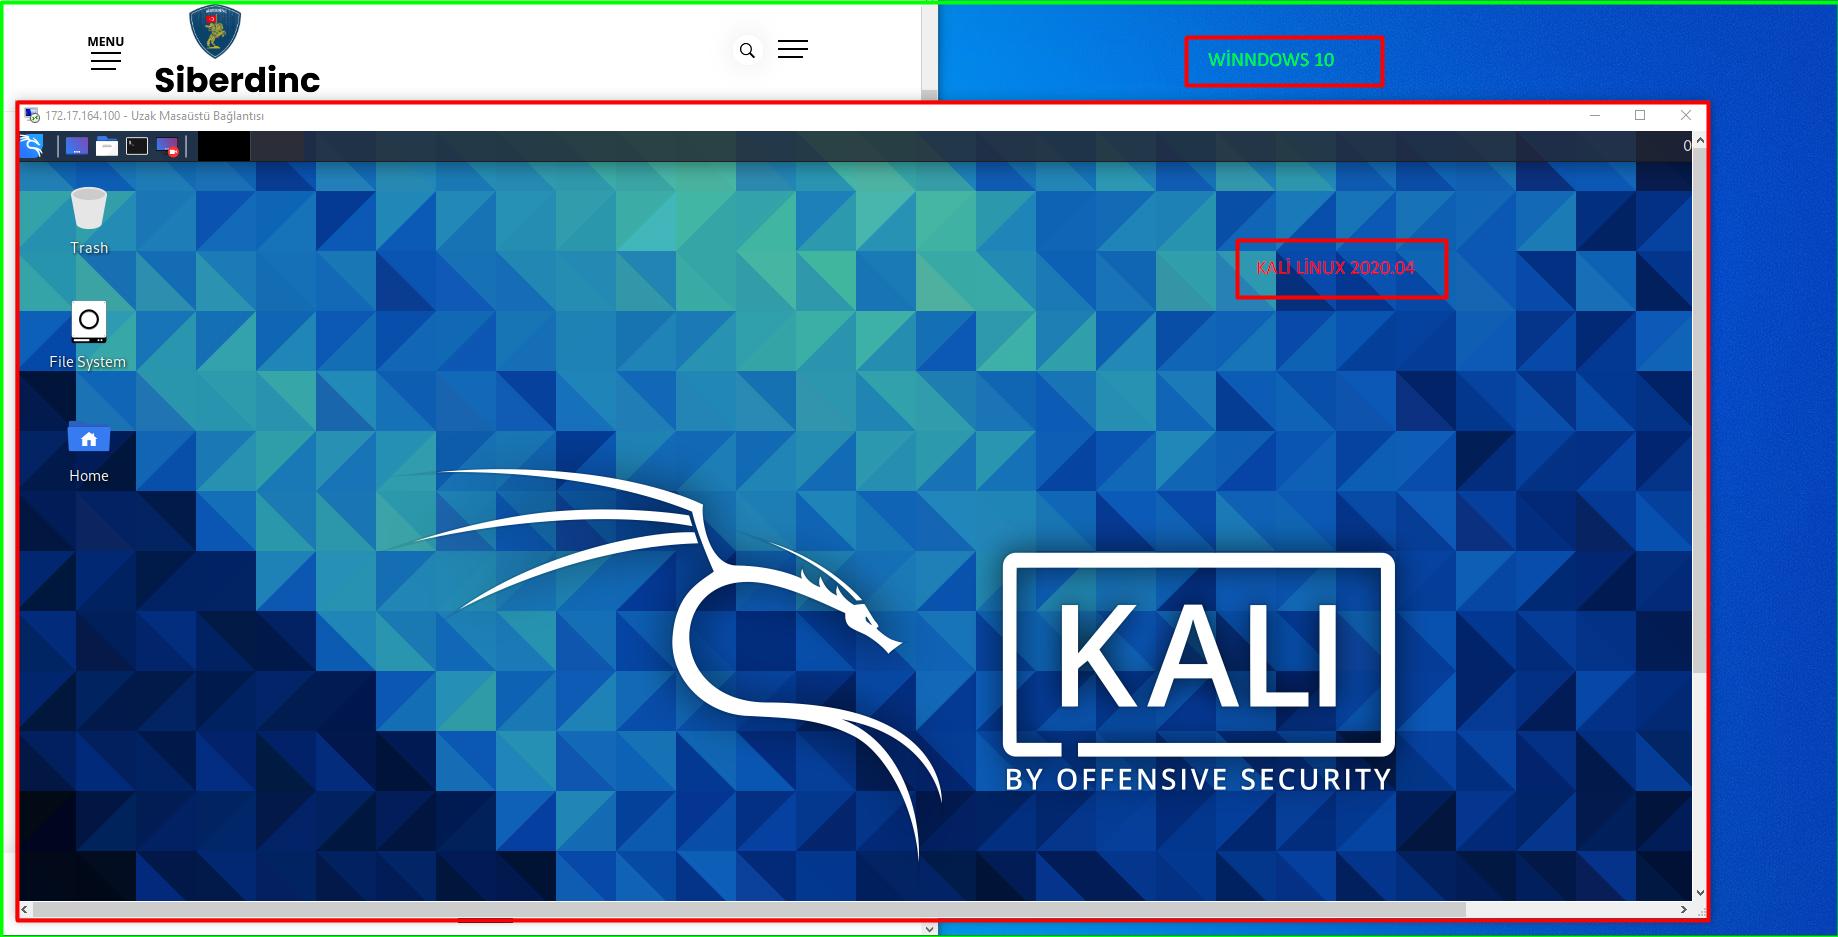 Windows Üzerinde WSL 2 ile Kali Linux Kurulumu